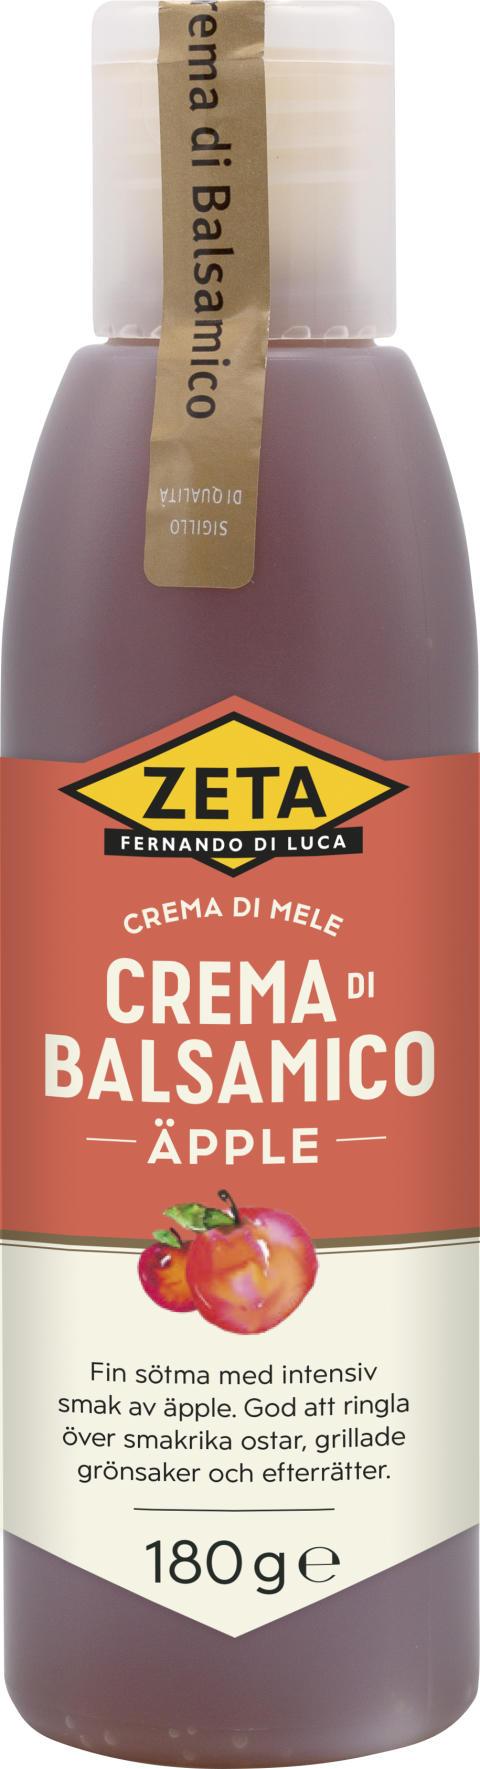 Spännande smaksättare – Zeta Crema di Balsamico Äpple